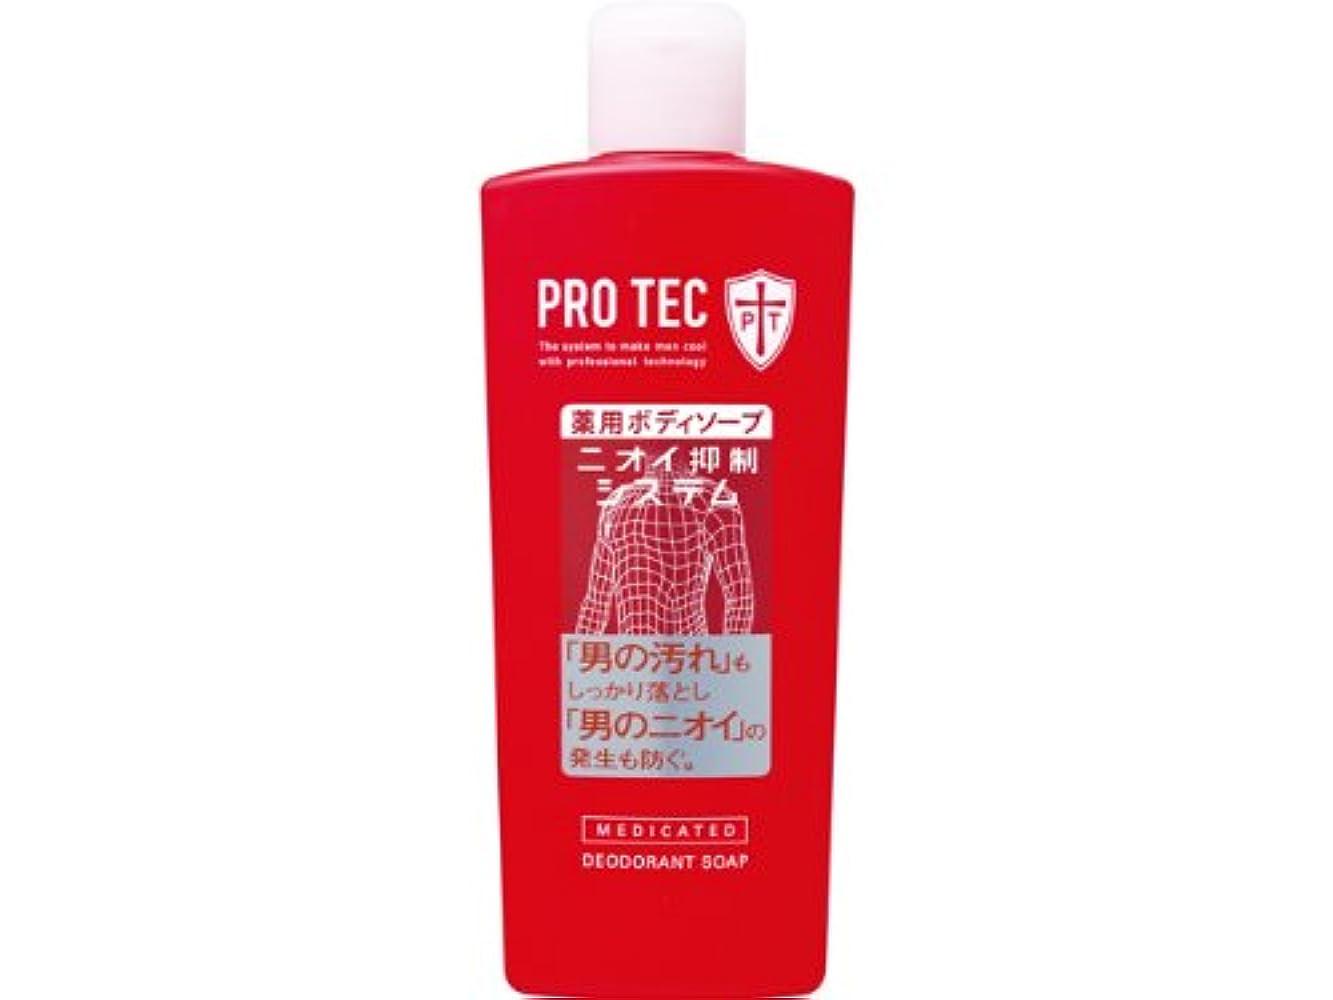 芸術的重要な洗練されたPRO TEC(プロテク) デオドラントソープ 300ml